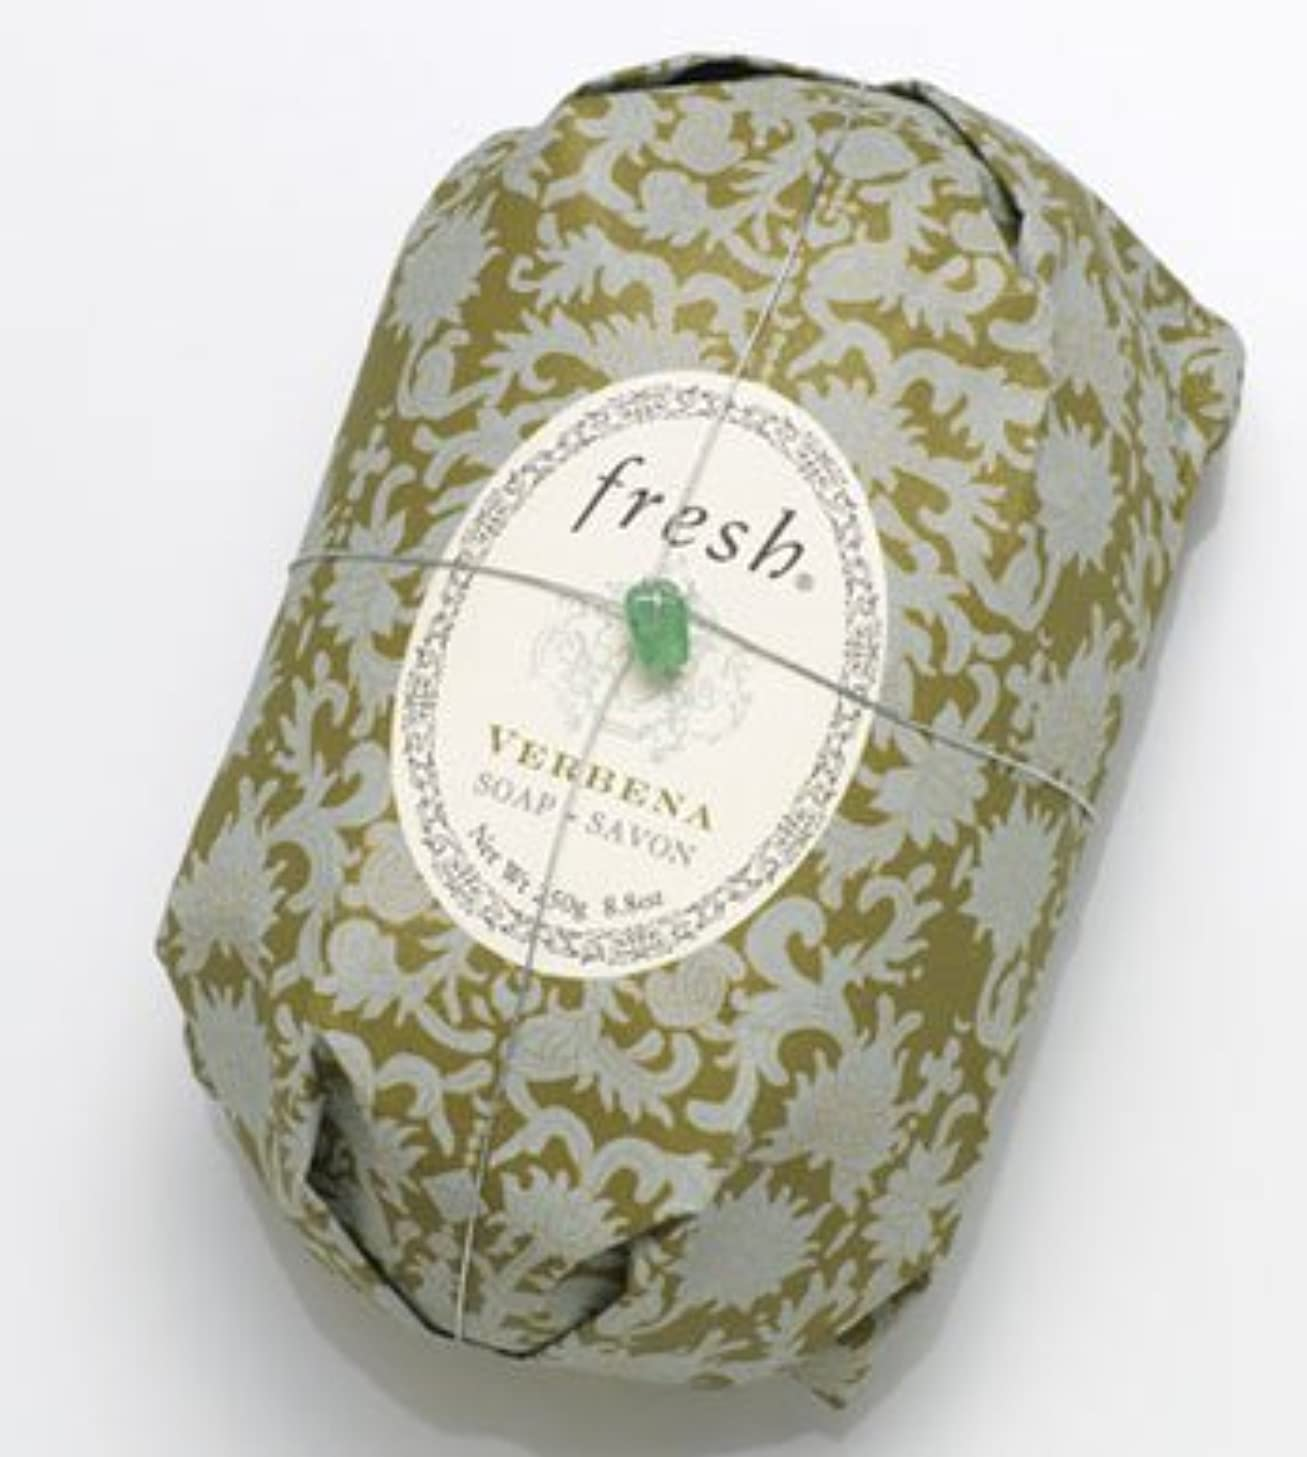 資産謙虚秘密のFresh VERBENA SOAP (フレッシュ バーベナ ソープ) 8.8 oz (250g) Soap (石鹸) by Fresh